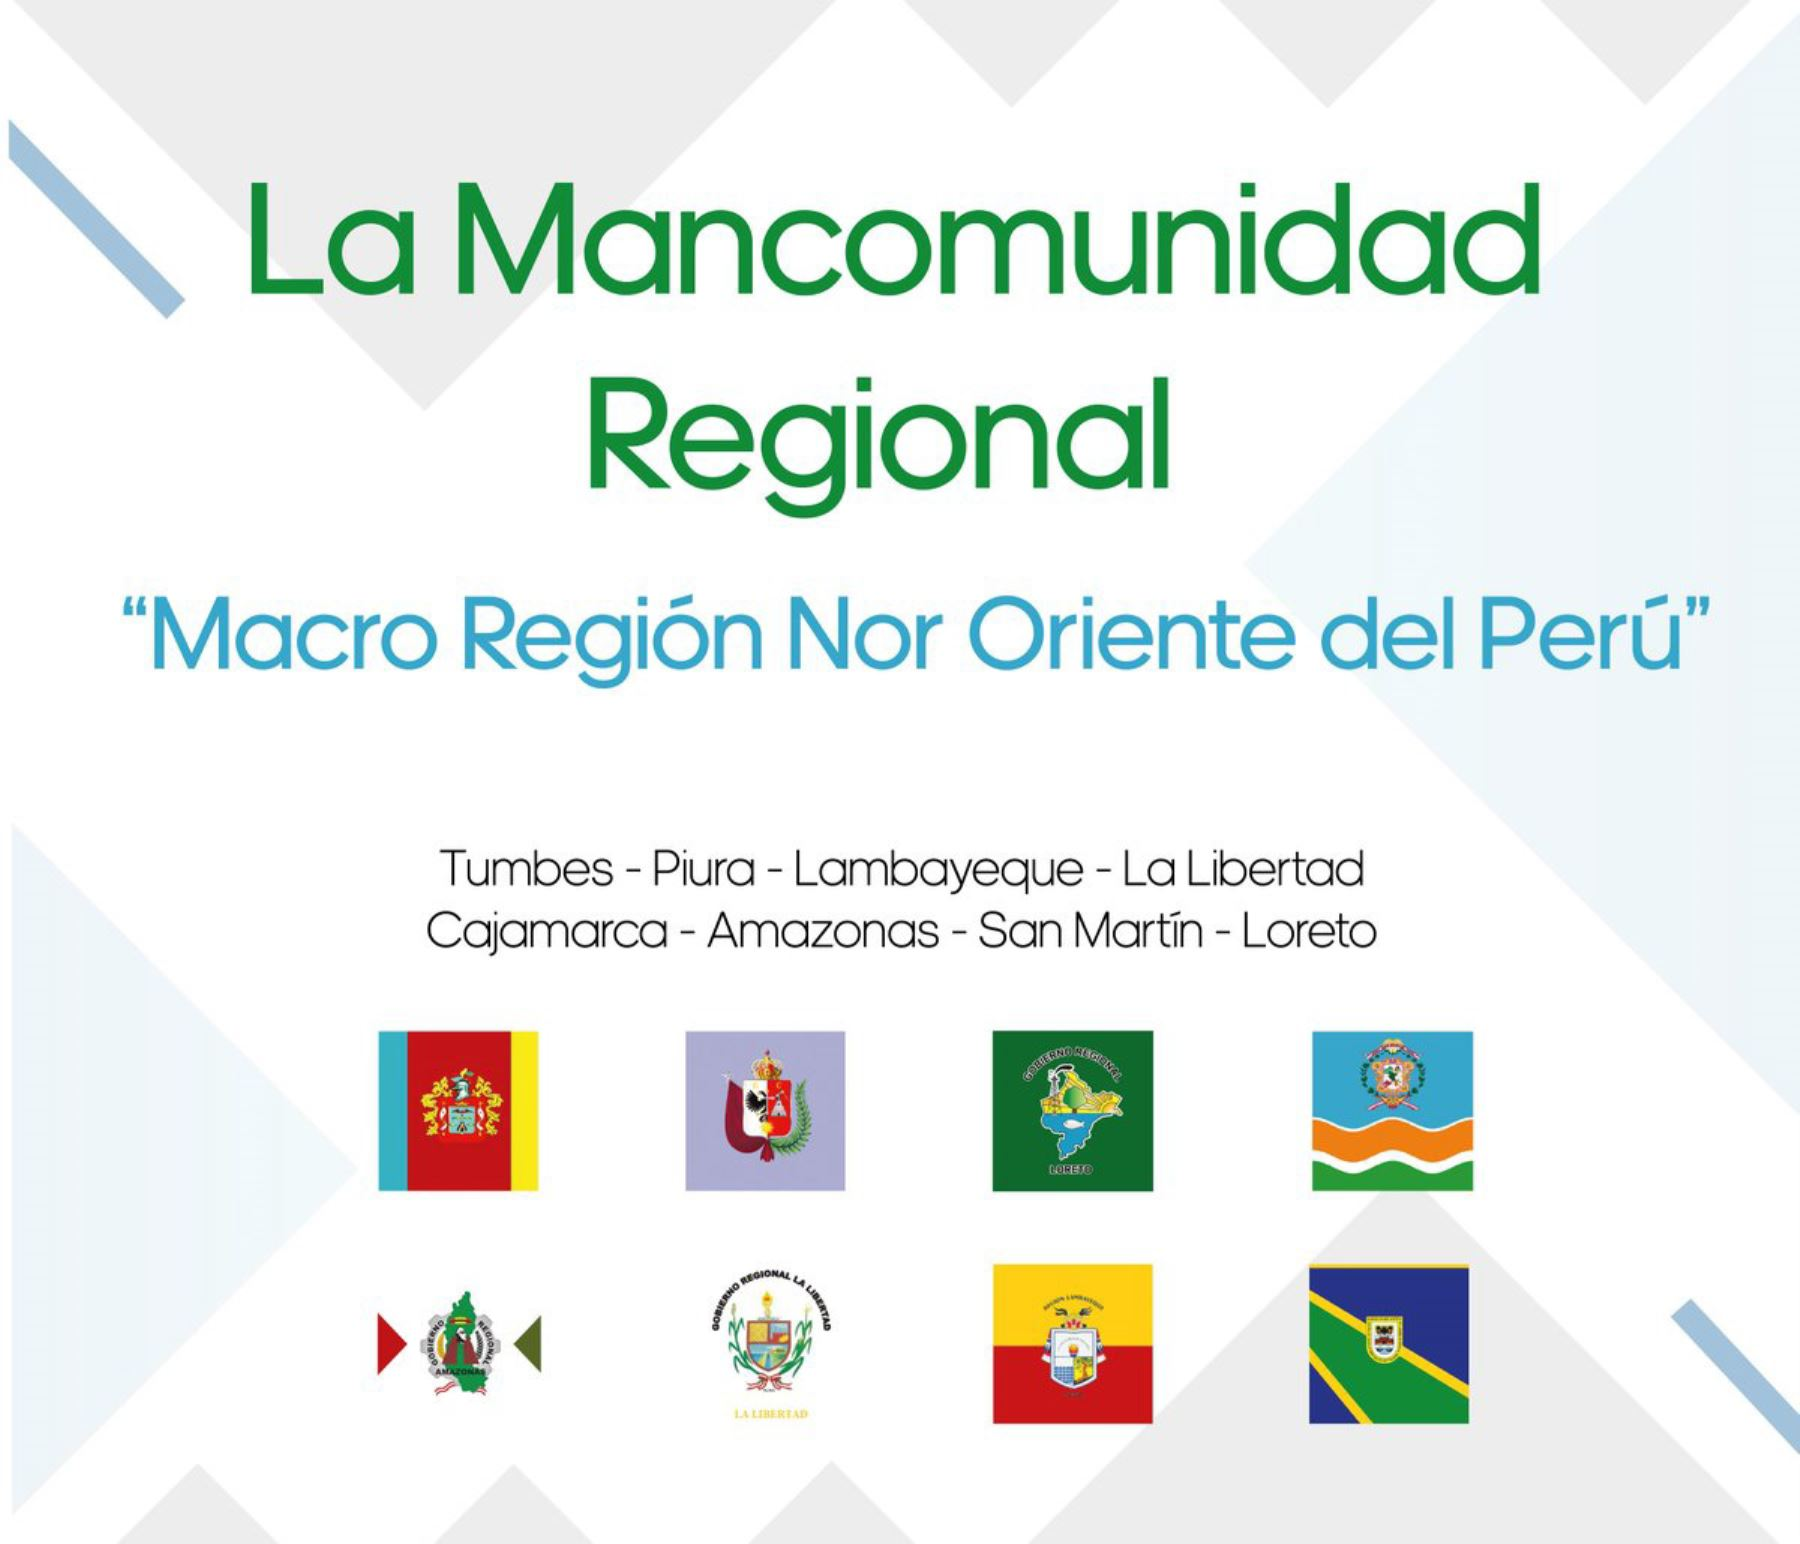 La Mancomunidad Macro Región Nor Oriente del Perú, creada el 20 de noviembre de 2017, está conformada por los gobiernos regionales de Amazonas, Cajamarca, La Libertad, Lambayeque, Loreto, Piura, San Martin y Tumbes